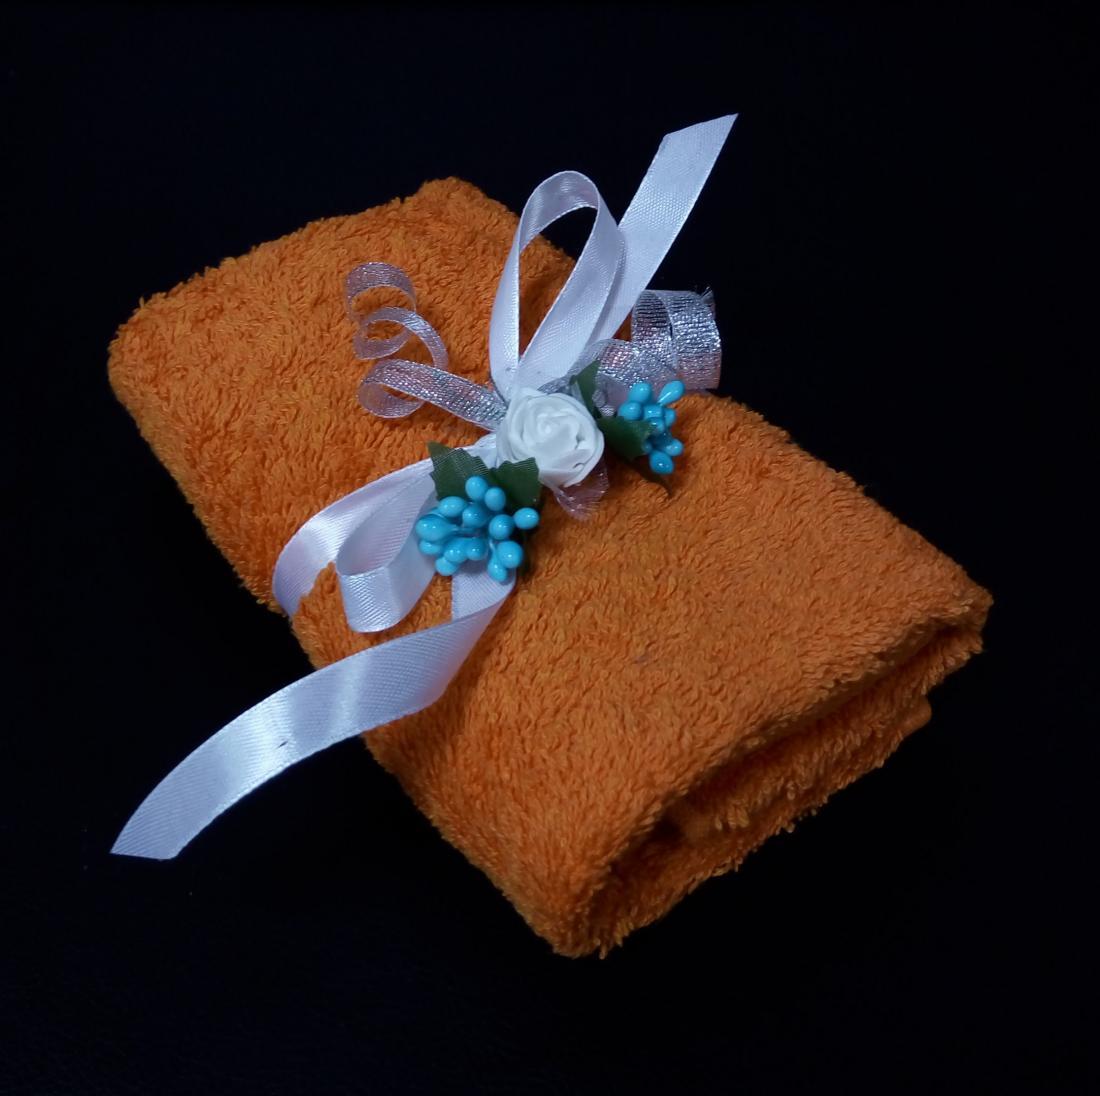 Махровые полотенца и простыни всего от 2,70 руб.